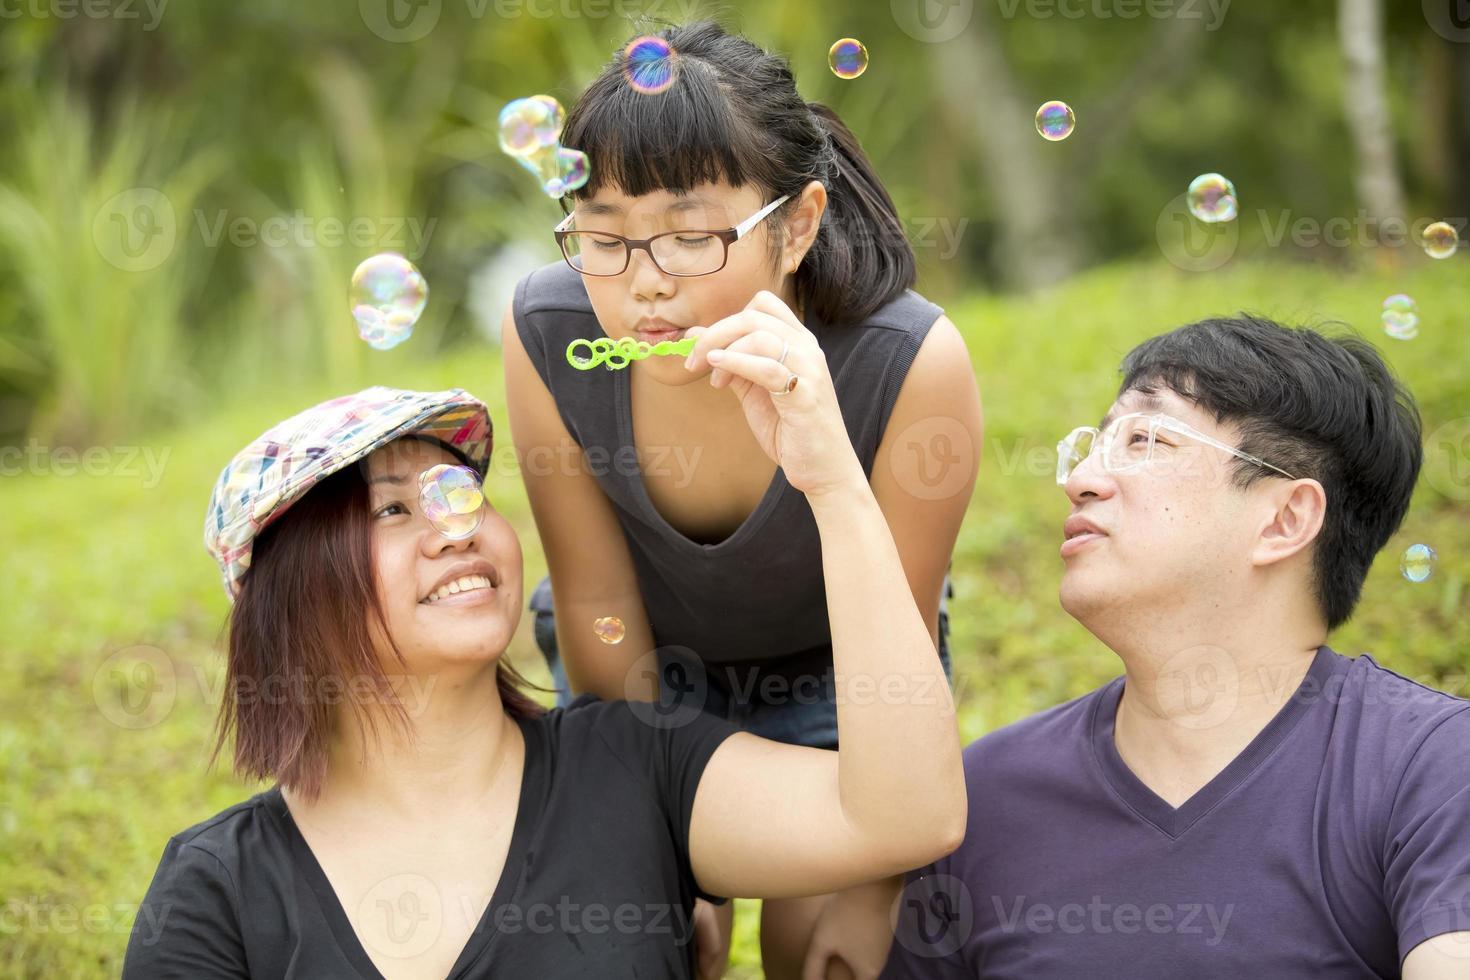 giovane ragazza asiatica che gioca a soffiare bolle nel parco incollaggio foto